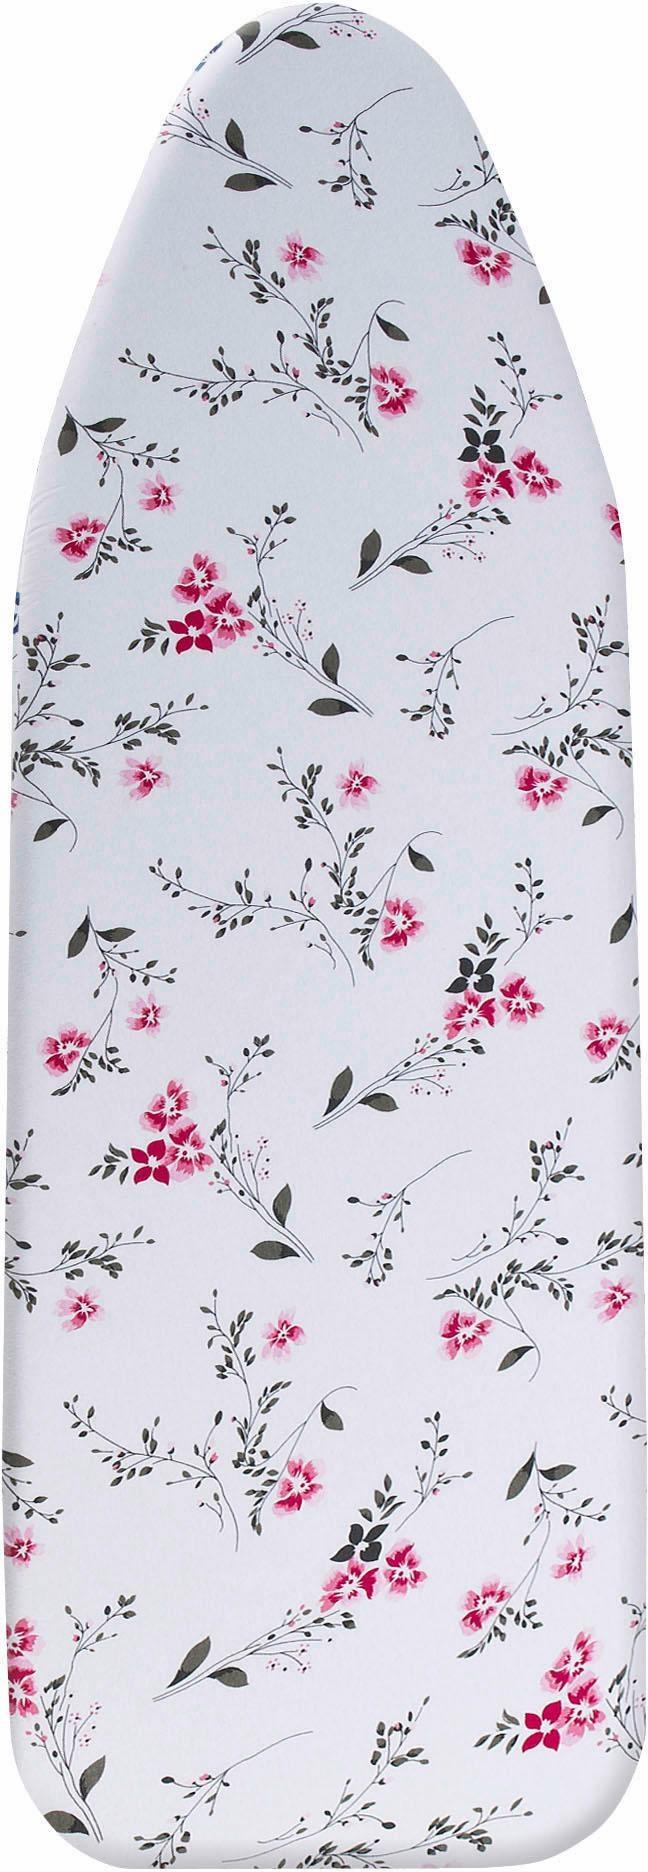 Wenko Bügeltischbezug, »Keramik Floral« | Flur & Diele > Haushaltsgeräte > Bügelbretter | Weiß | Keramik | WENKO